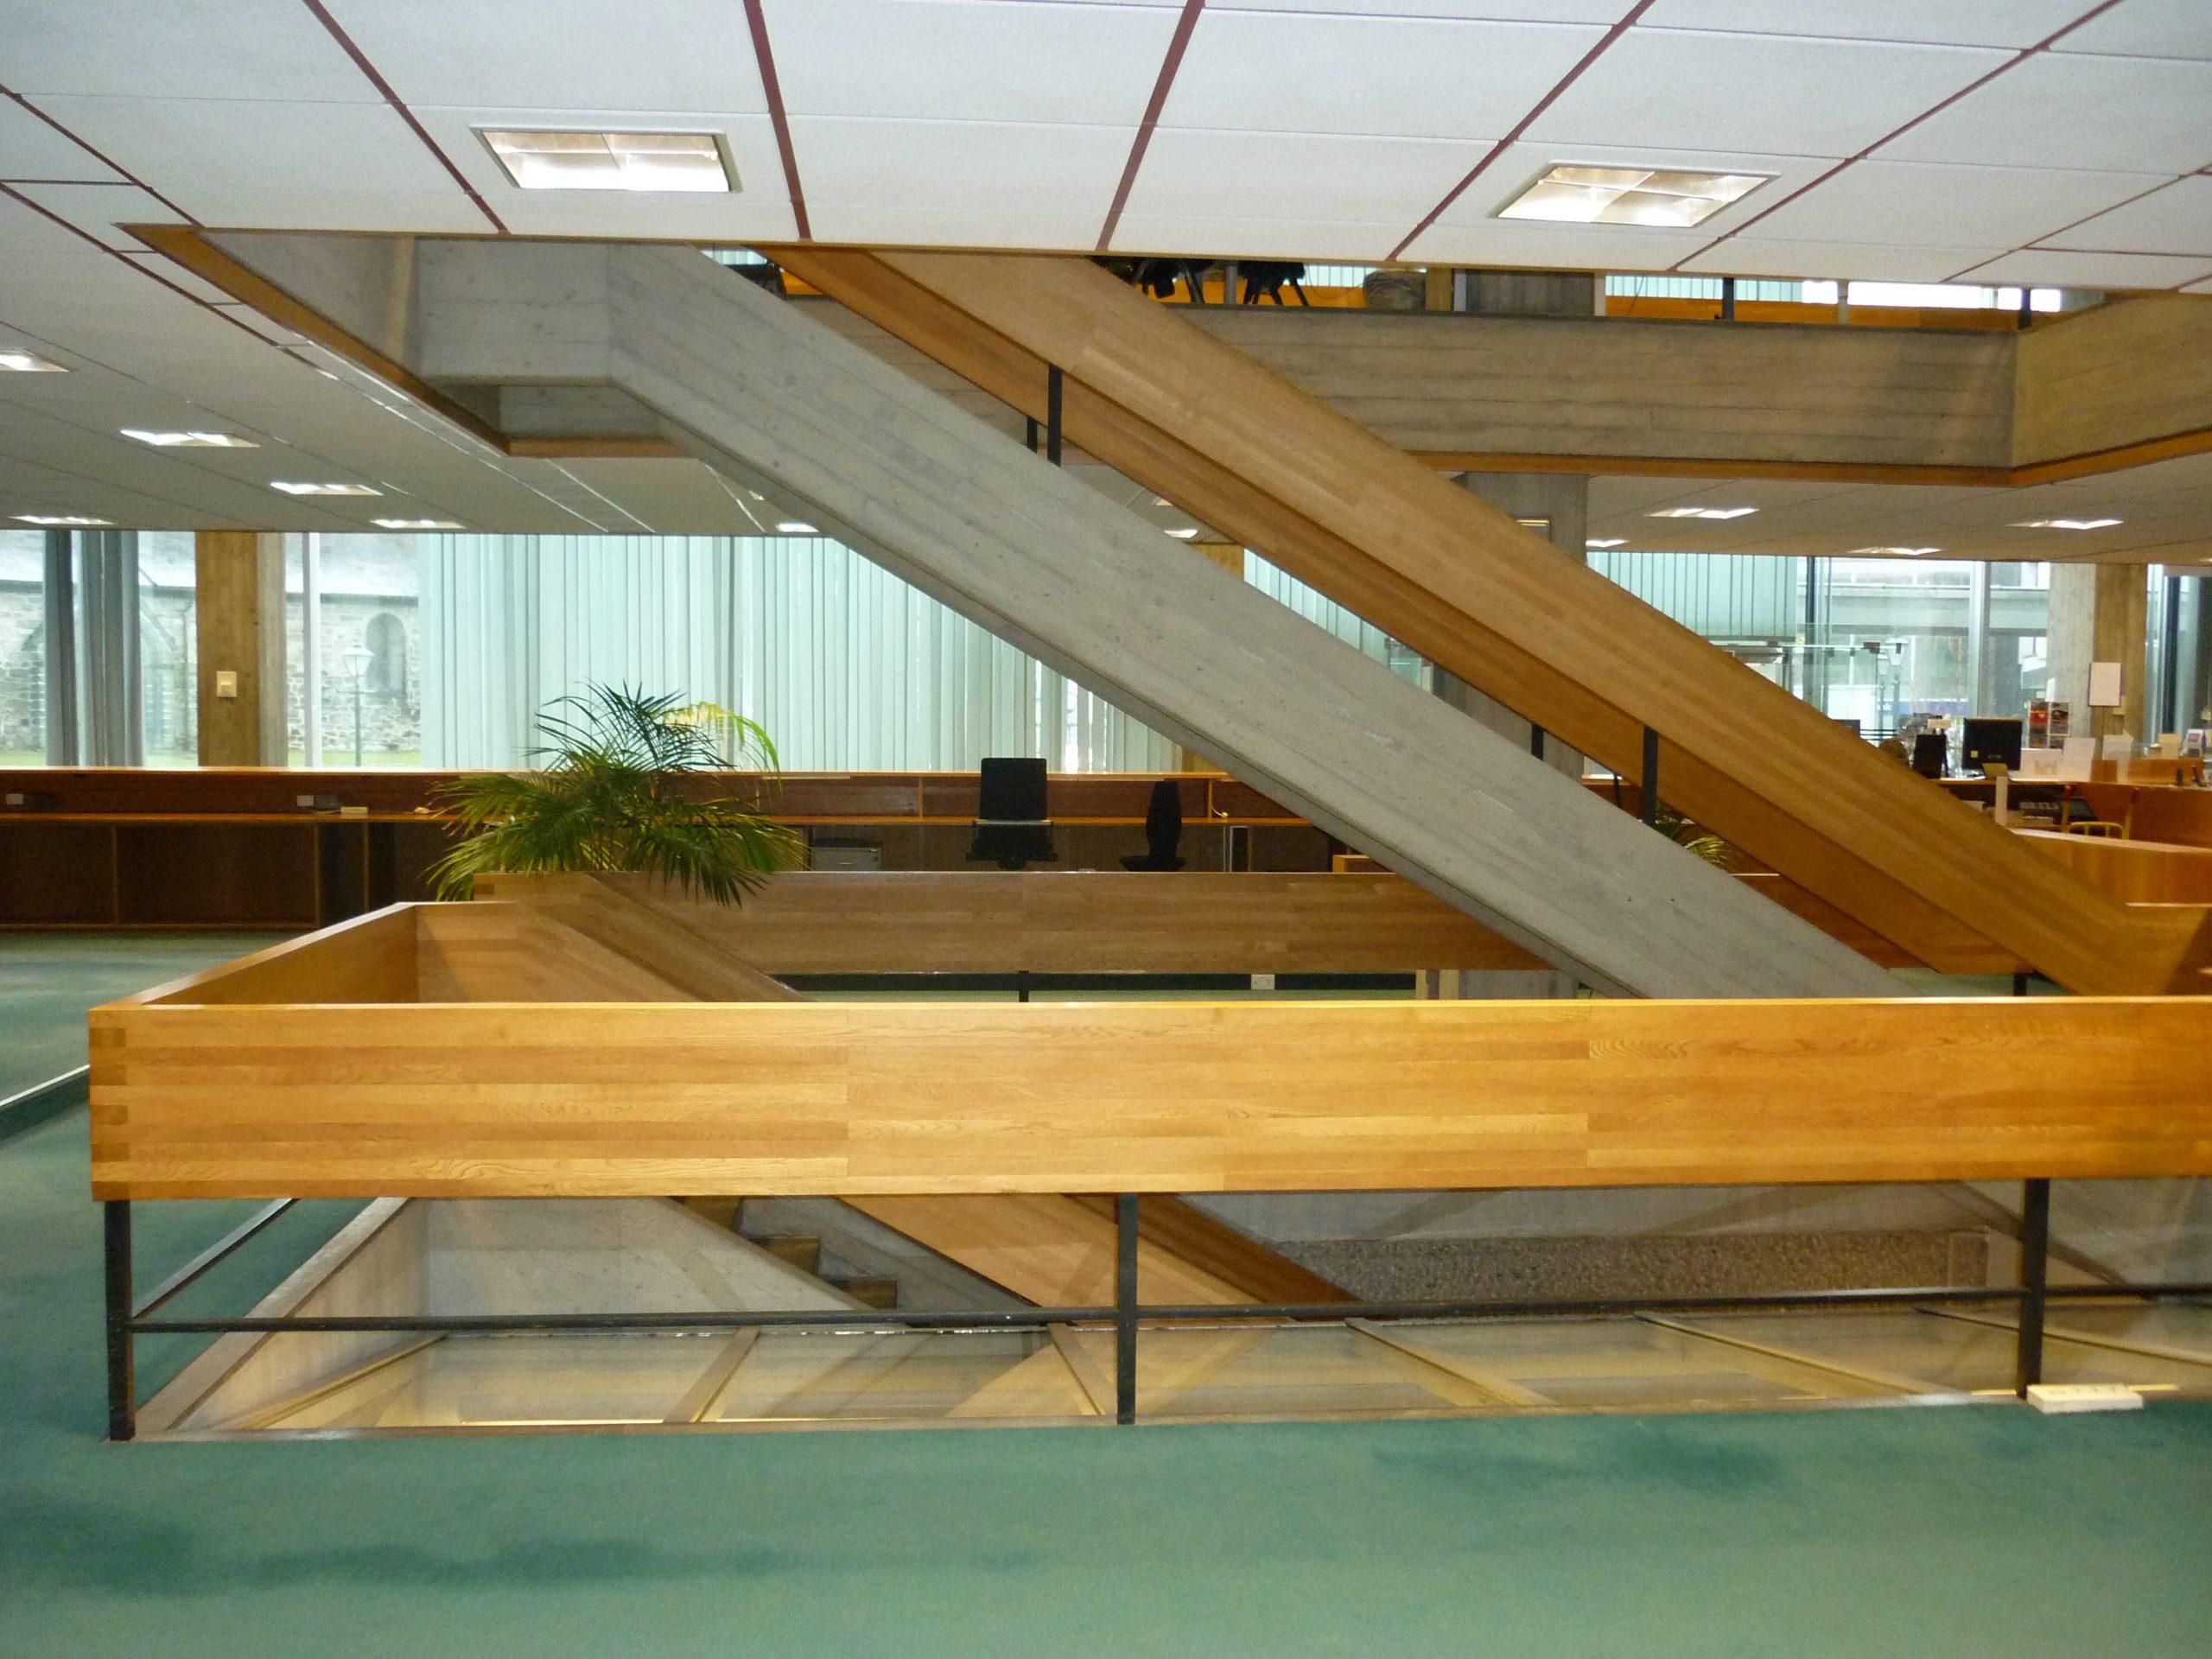 Bilde av Interiør i 1. etasje med godt lysinnslipp. Foto: Siri Schrøder Vesterkjær ©Riksantikvaren